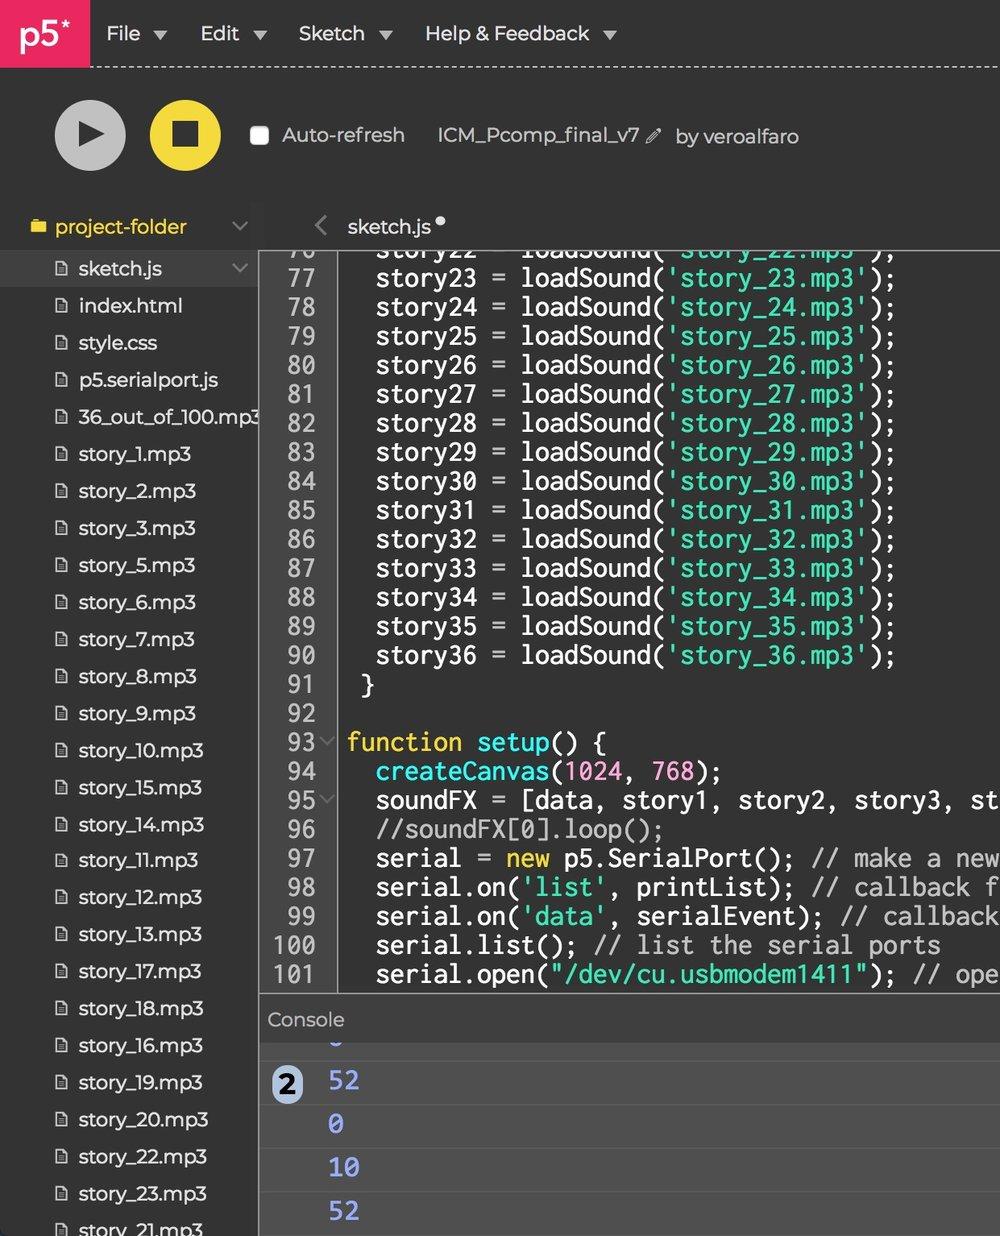 p5 code